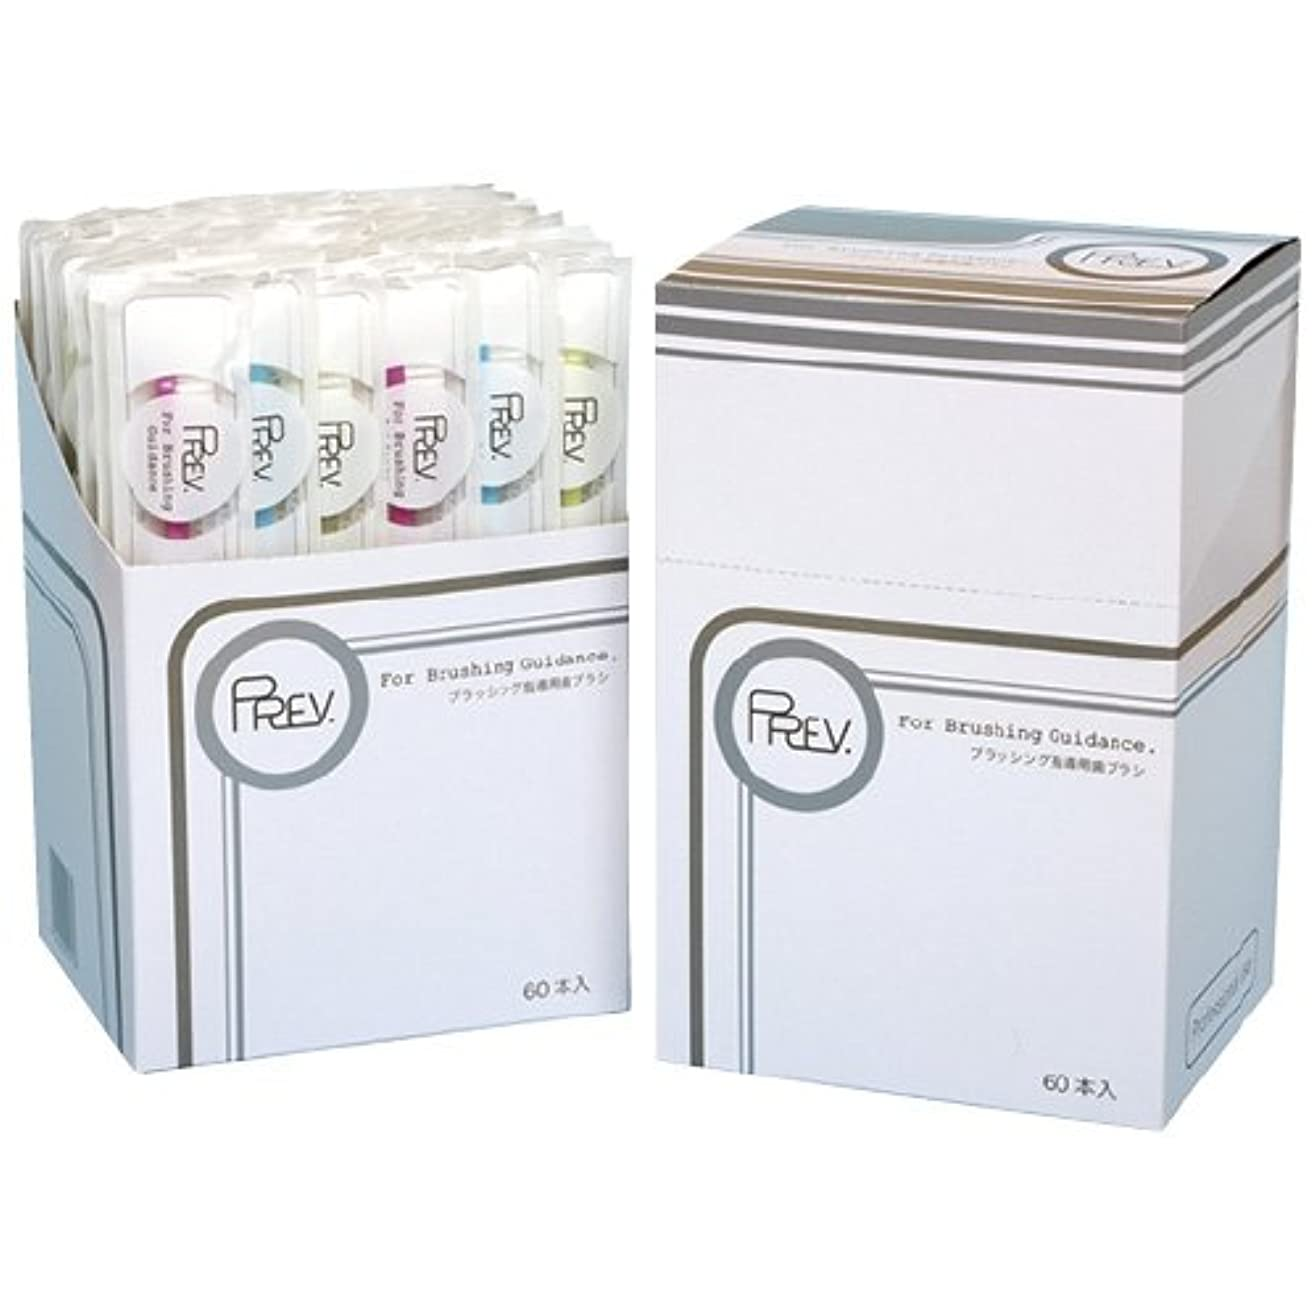 明るくするプログレッシブホームレスプレブ 歯ブラシ BG-21(フツウ)60ホンイリ オキナ